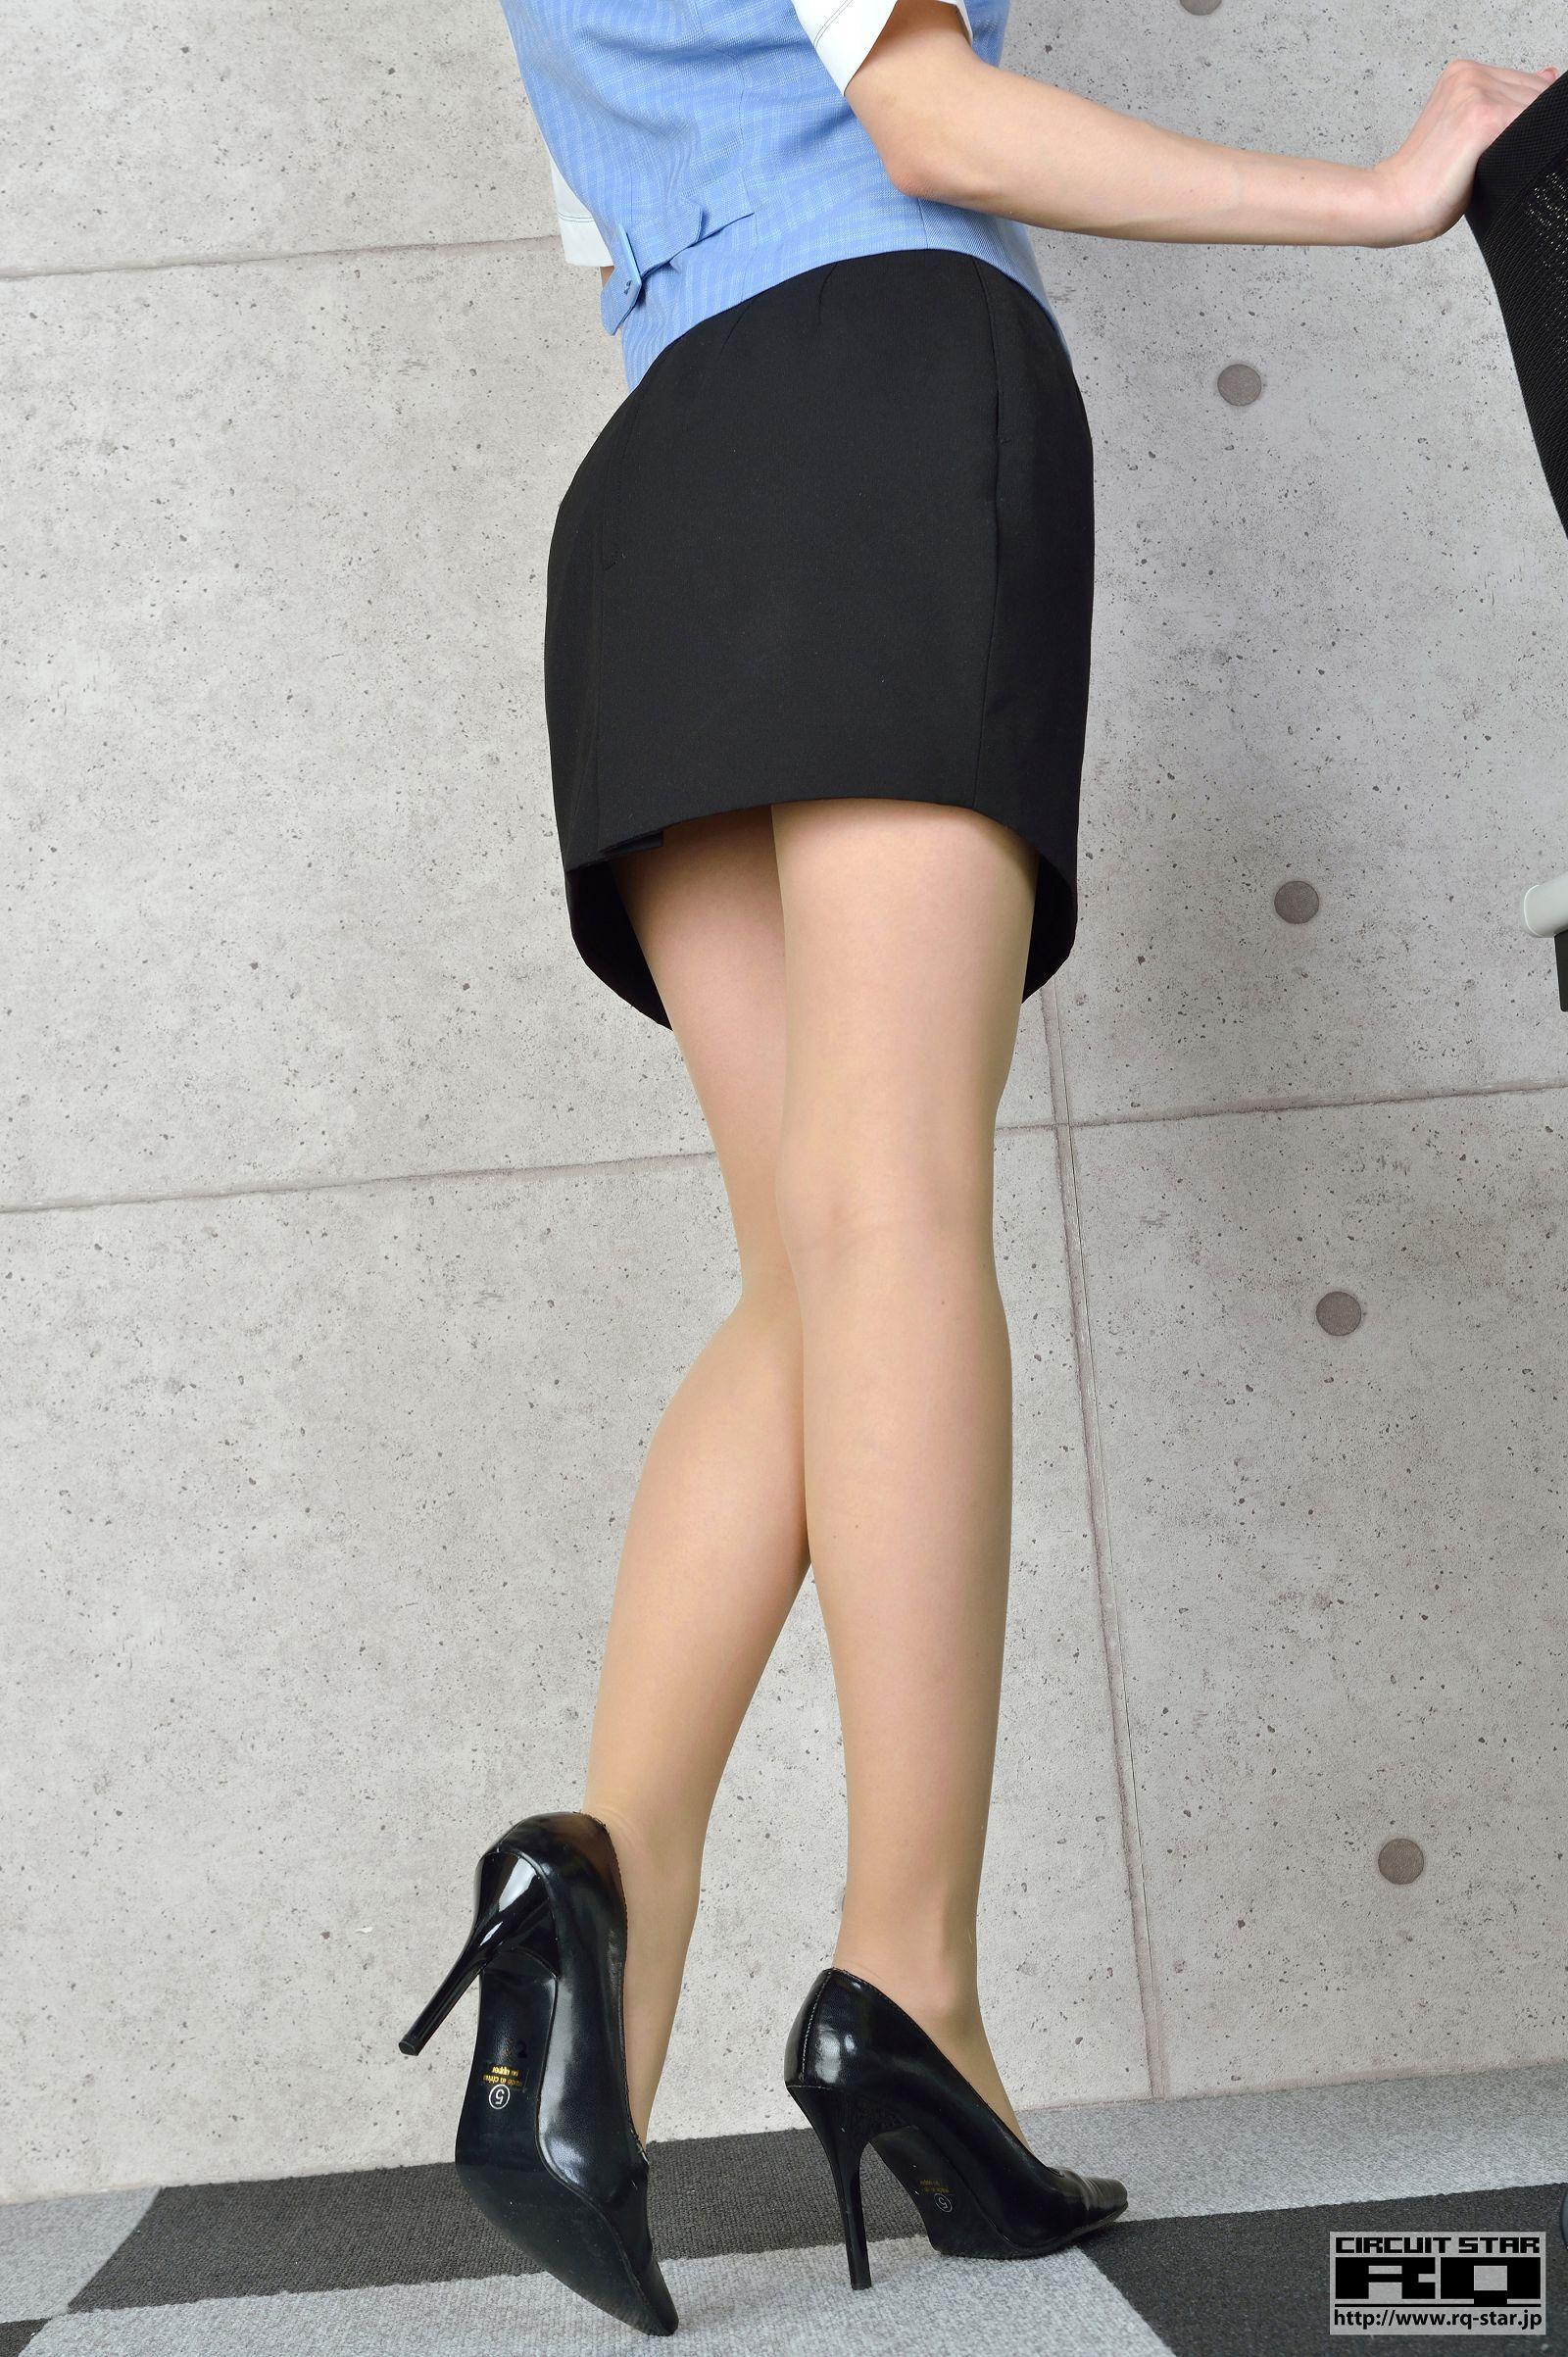 [RQ STAR美女] NO.00778 MOE Office Lady[60P] RQ STAR 第4张